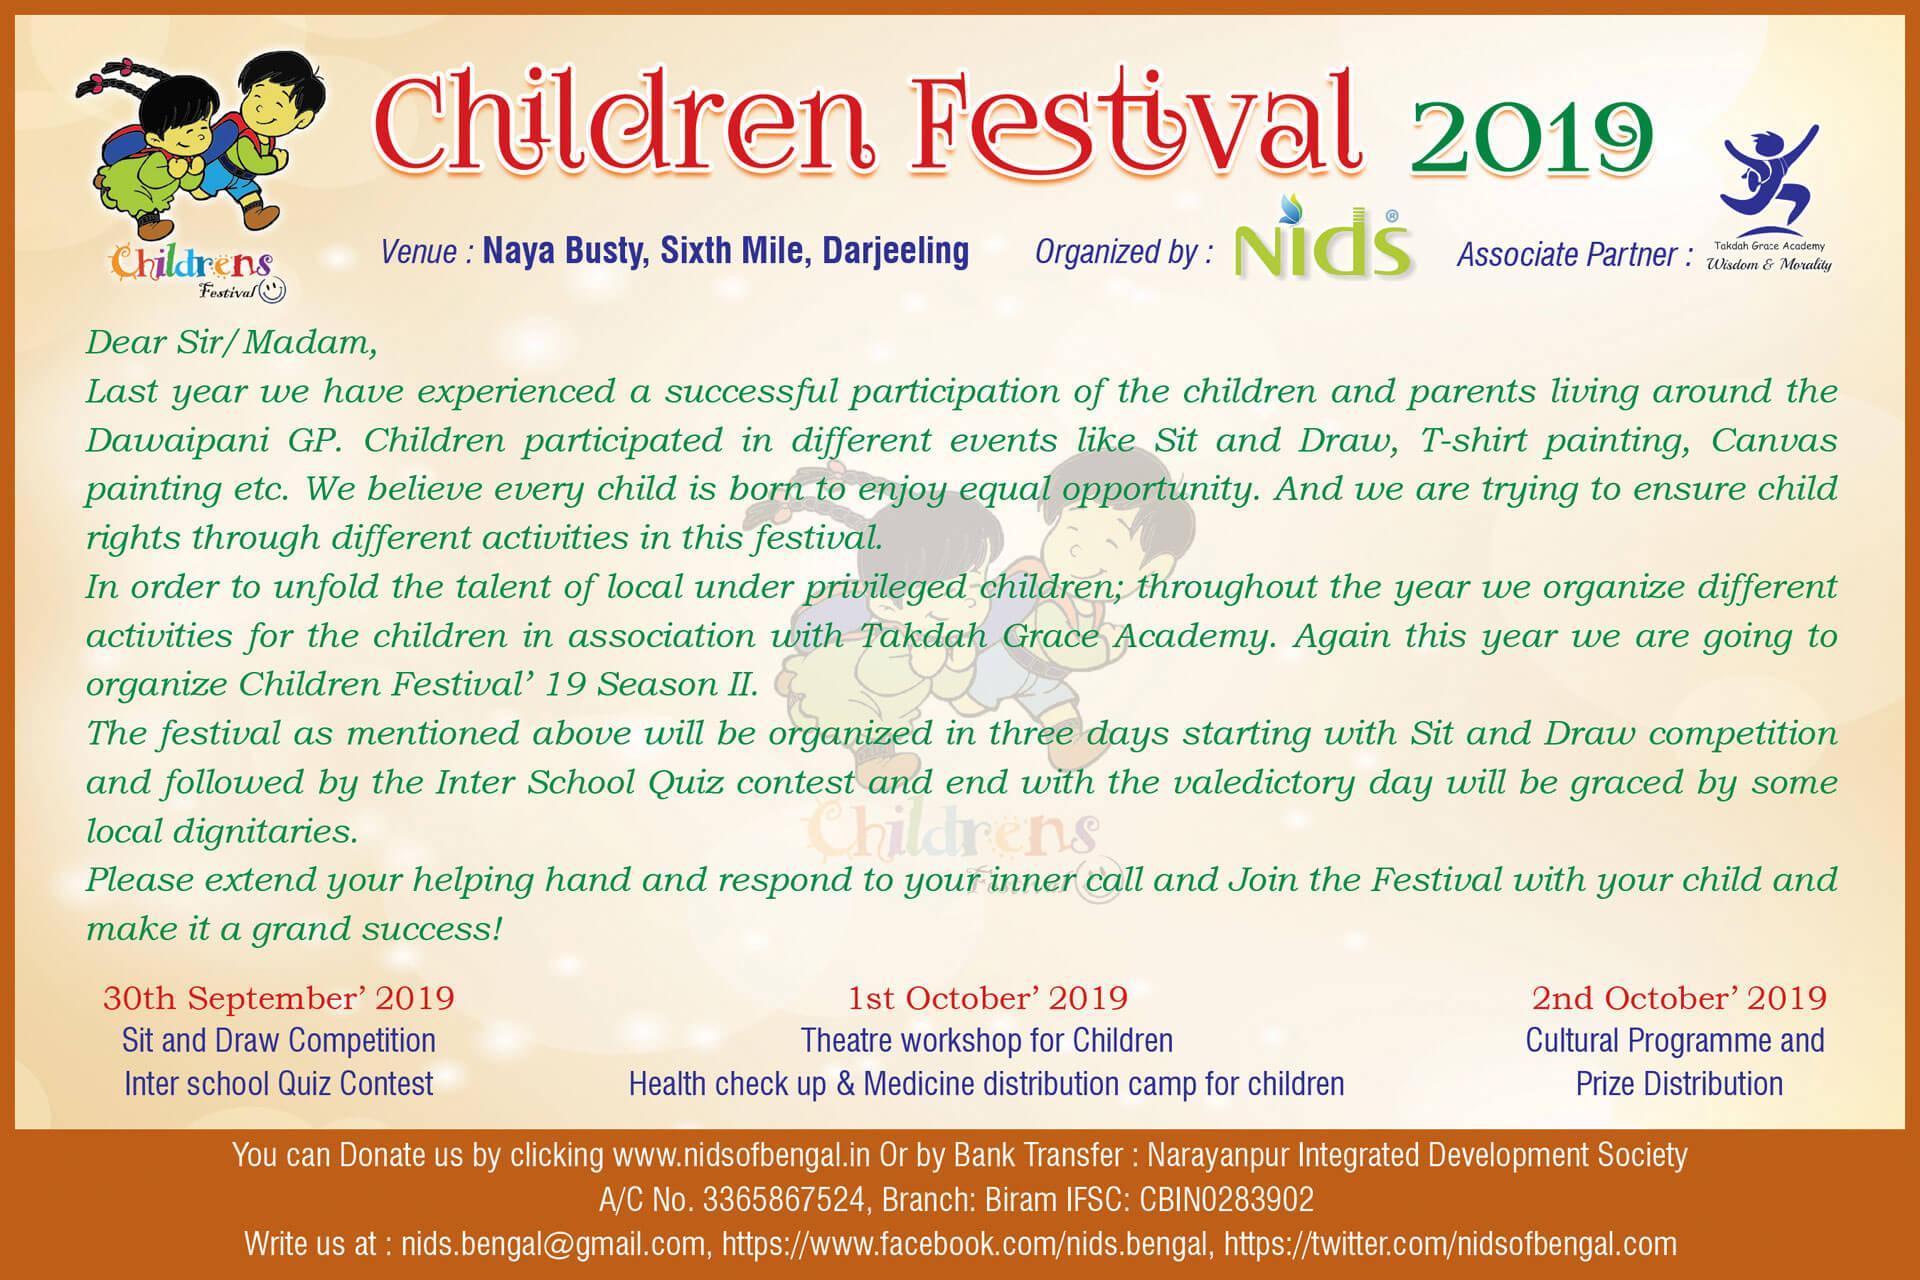 Darjeeling Children Festival 2019